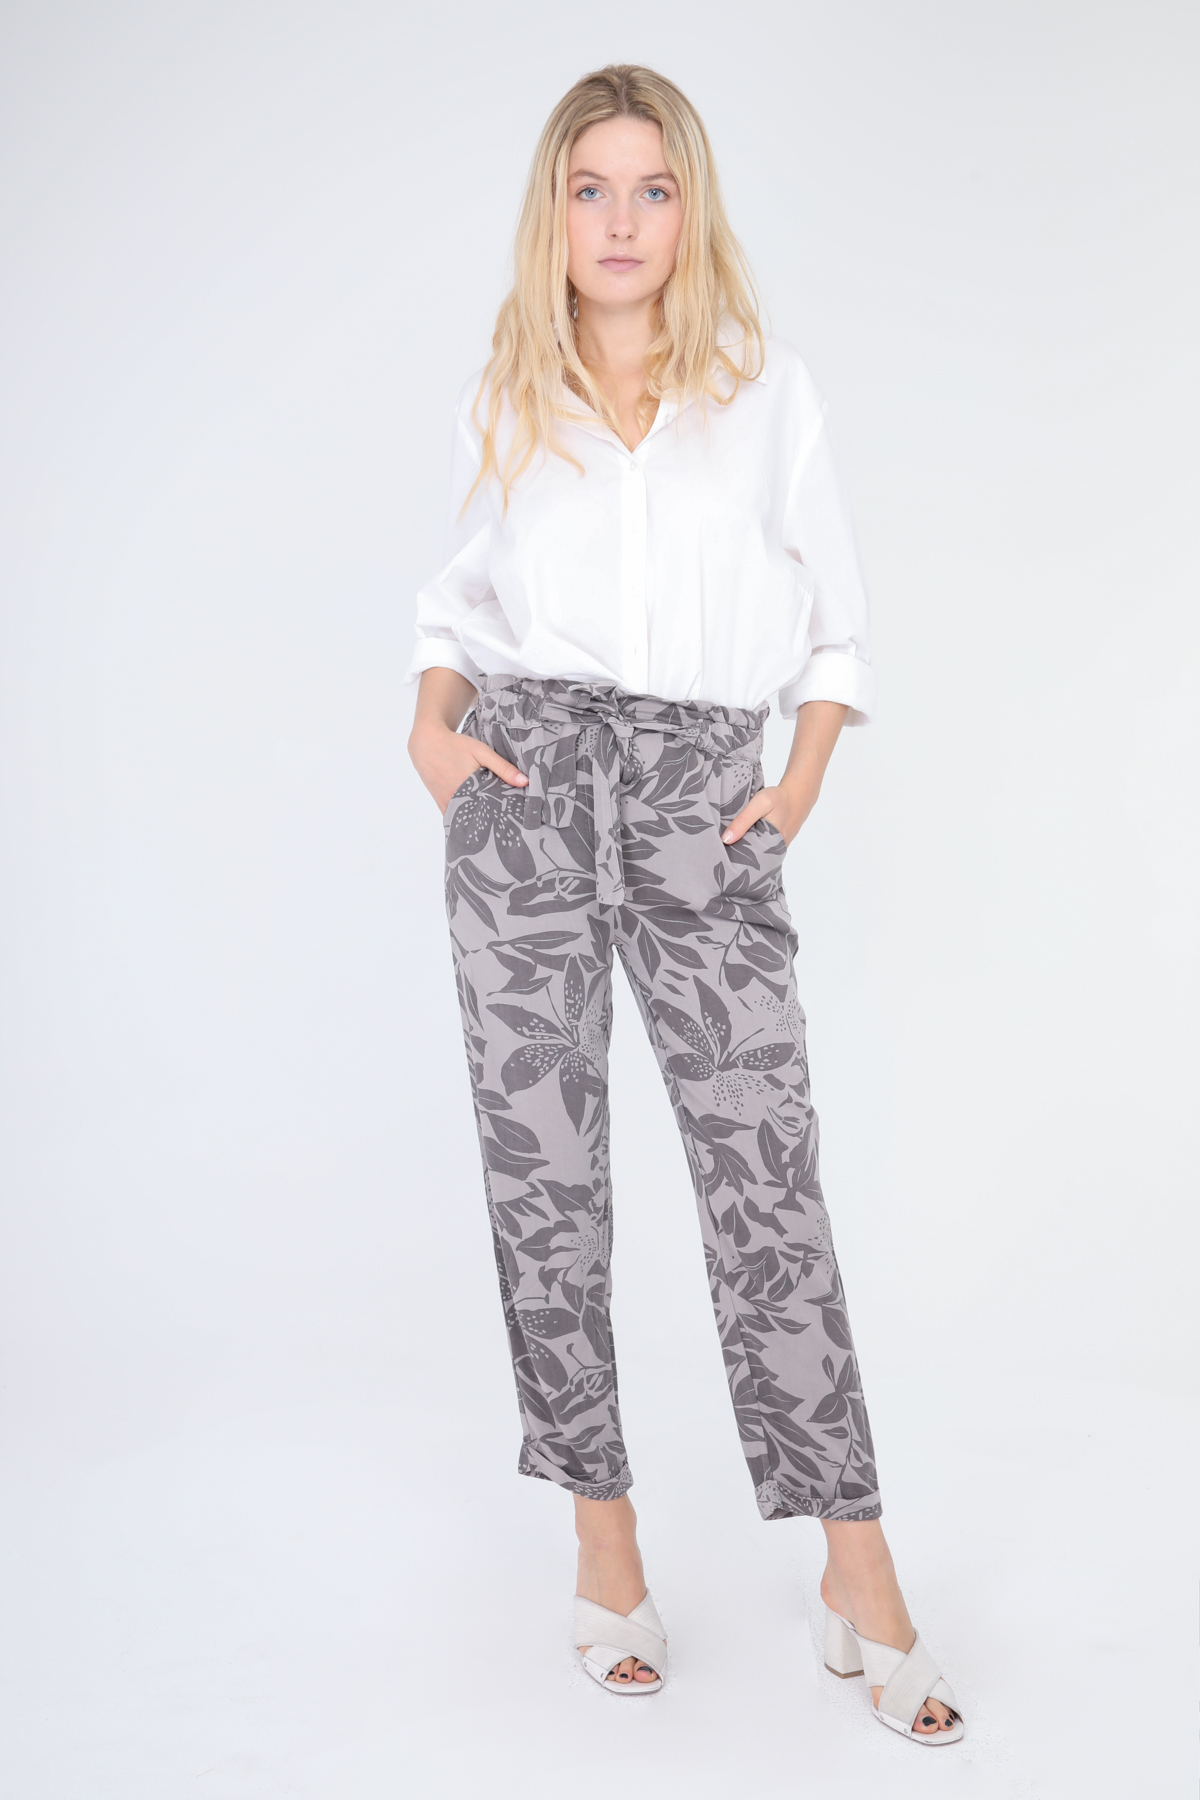 Pantalons Femme Gris Emi-Jo NC0908 #c eFashion Paris